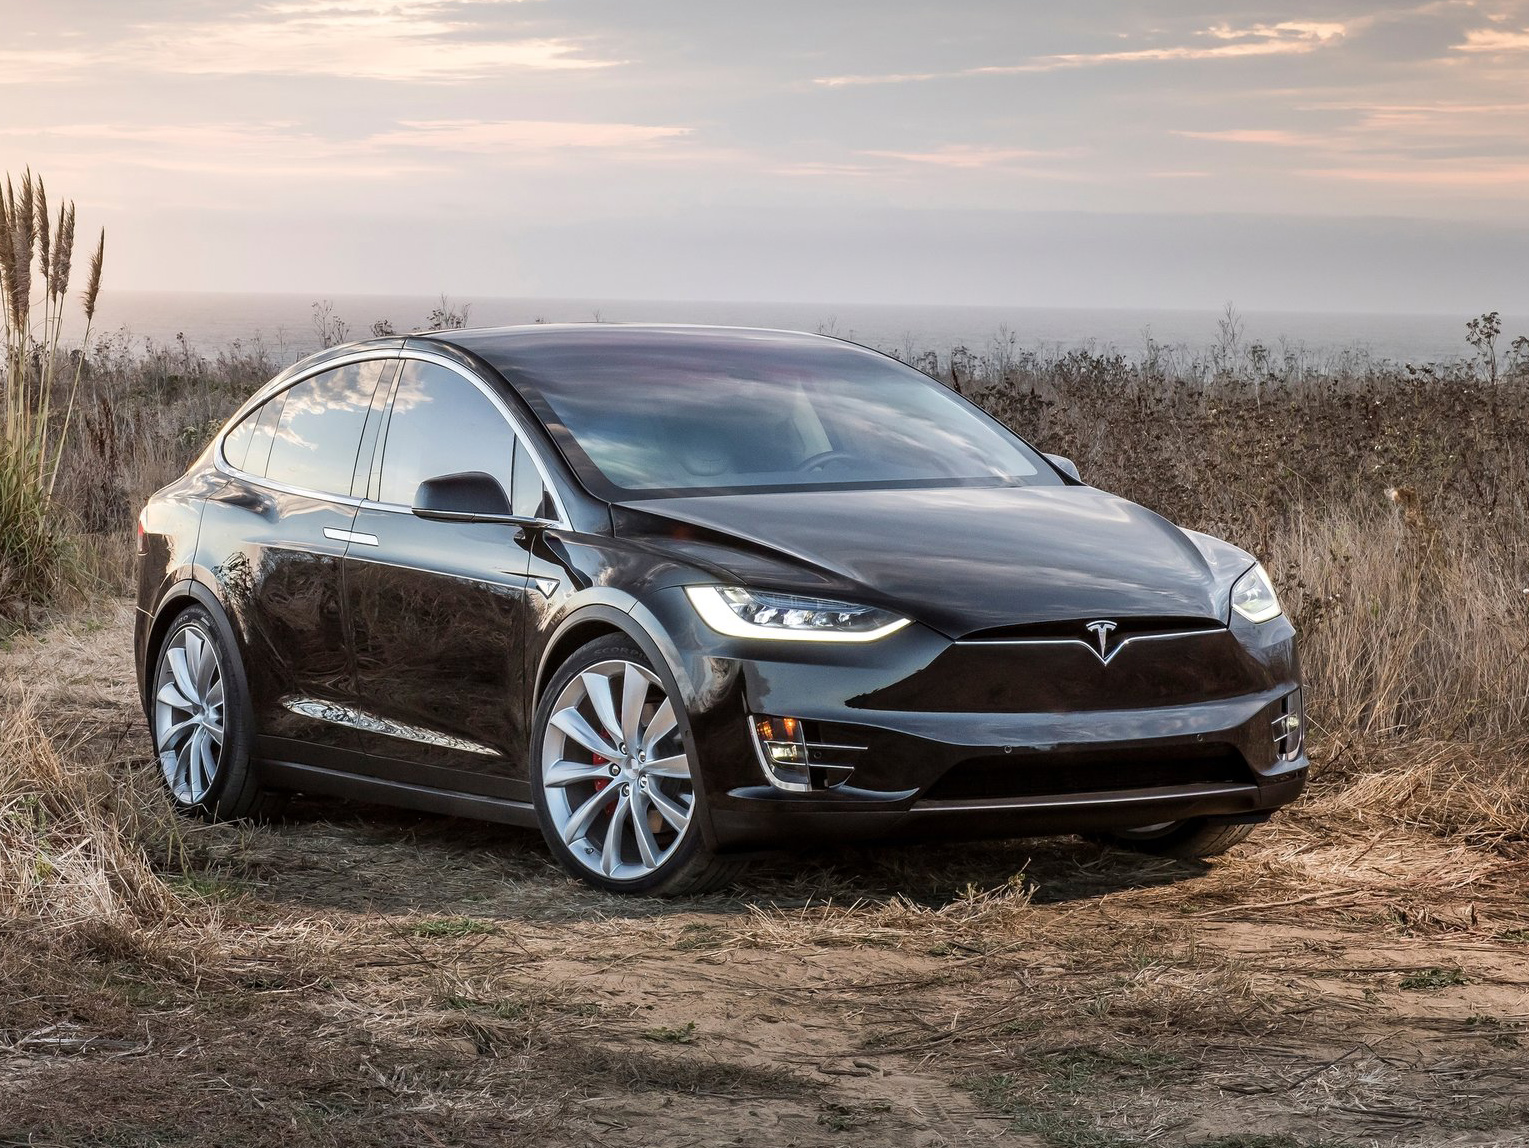 Recalls - Tesla Model X | Mazda2 | Mazda CX-3 | Peugeot 308 | Citroen C4 Cactus | Mitsubishi Outlander